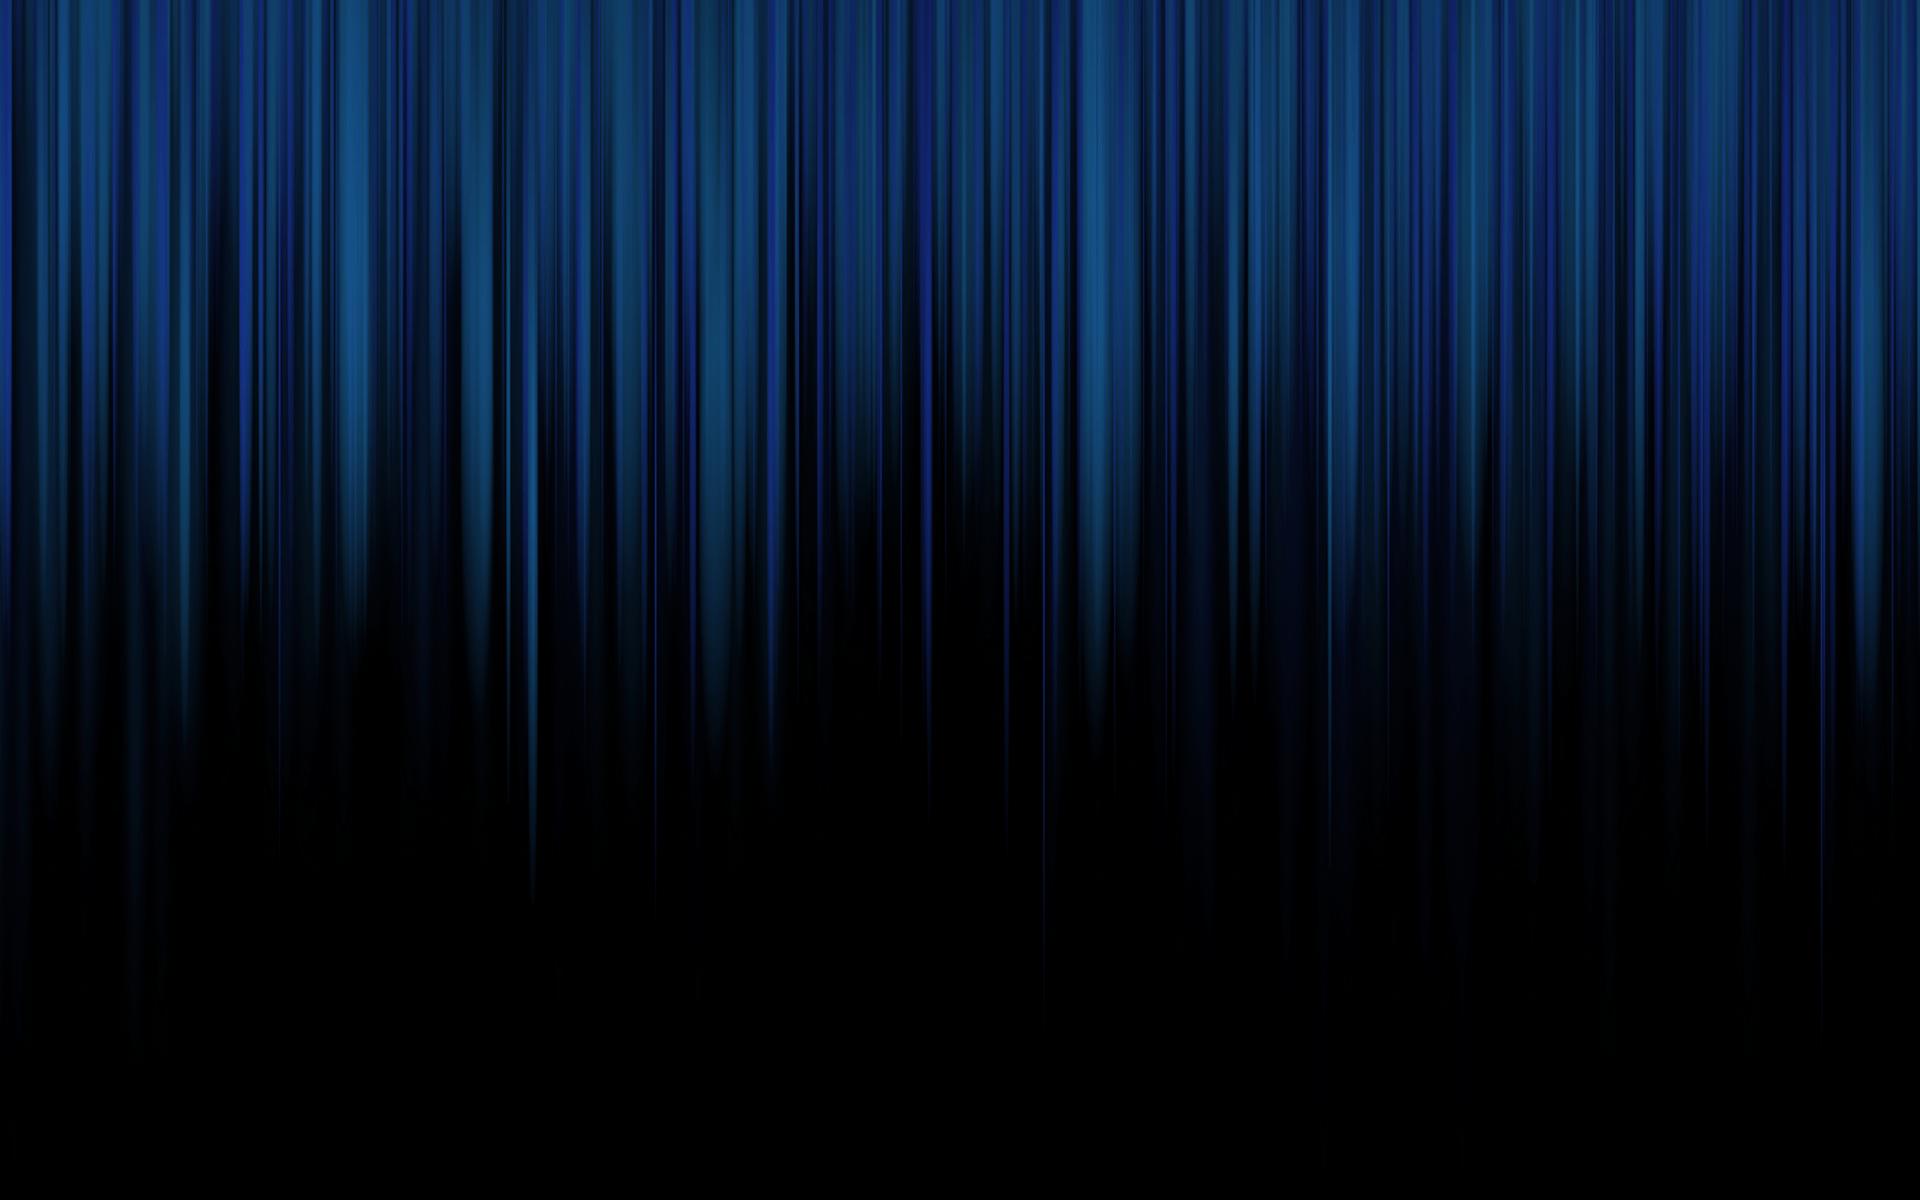 midnight blue wallpaper  Midnight Blue Wallpapers - Wallpaper Cave